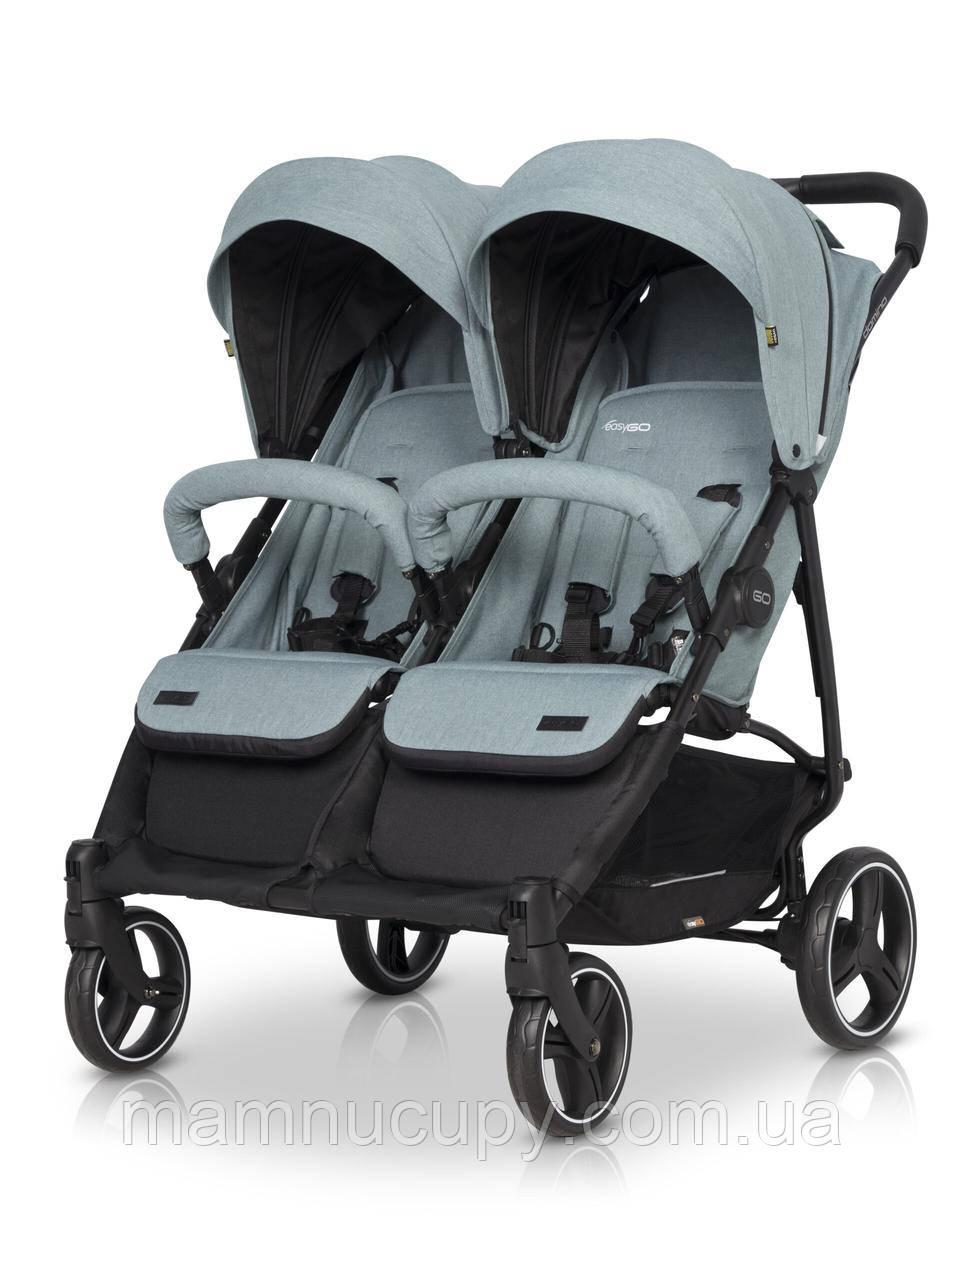 Дитяча прогулянкова коляска для двійні EasyGo Domino 2020 Mineral